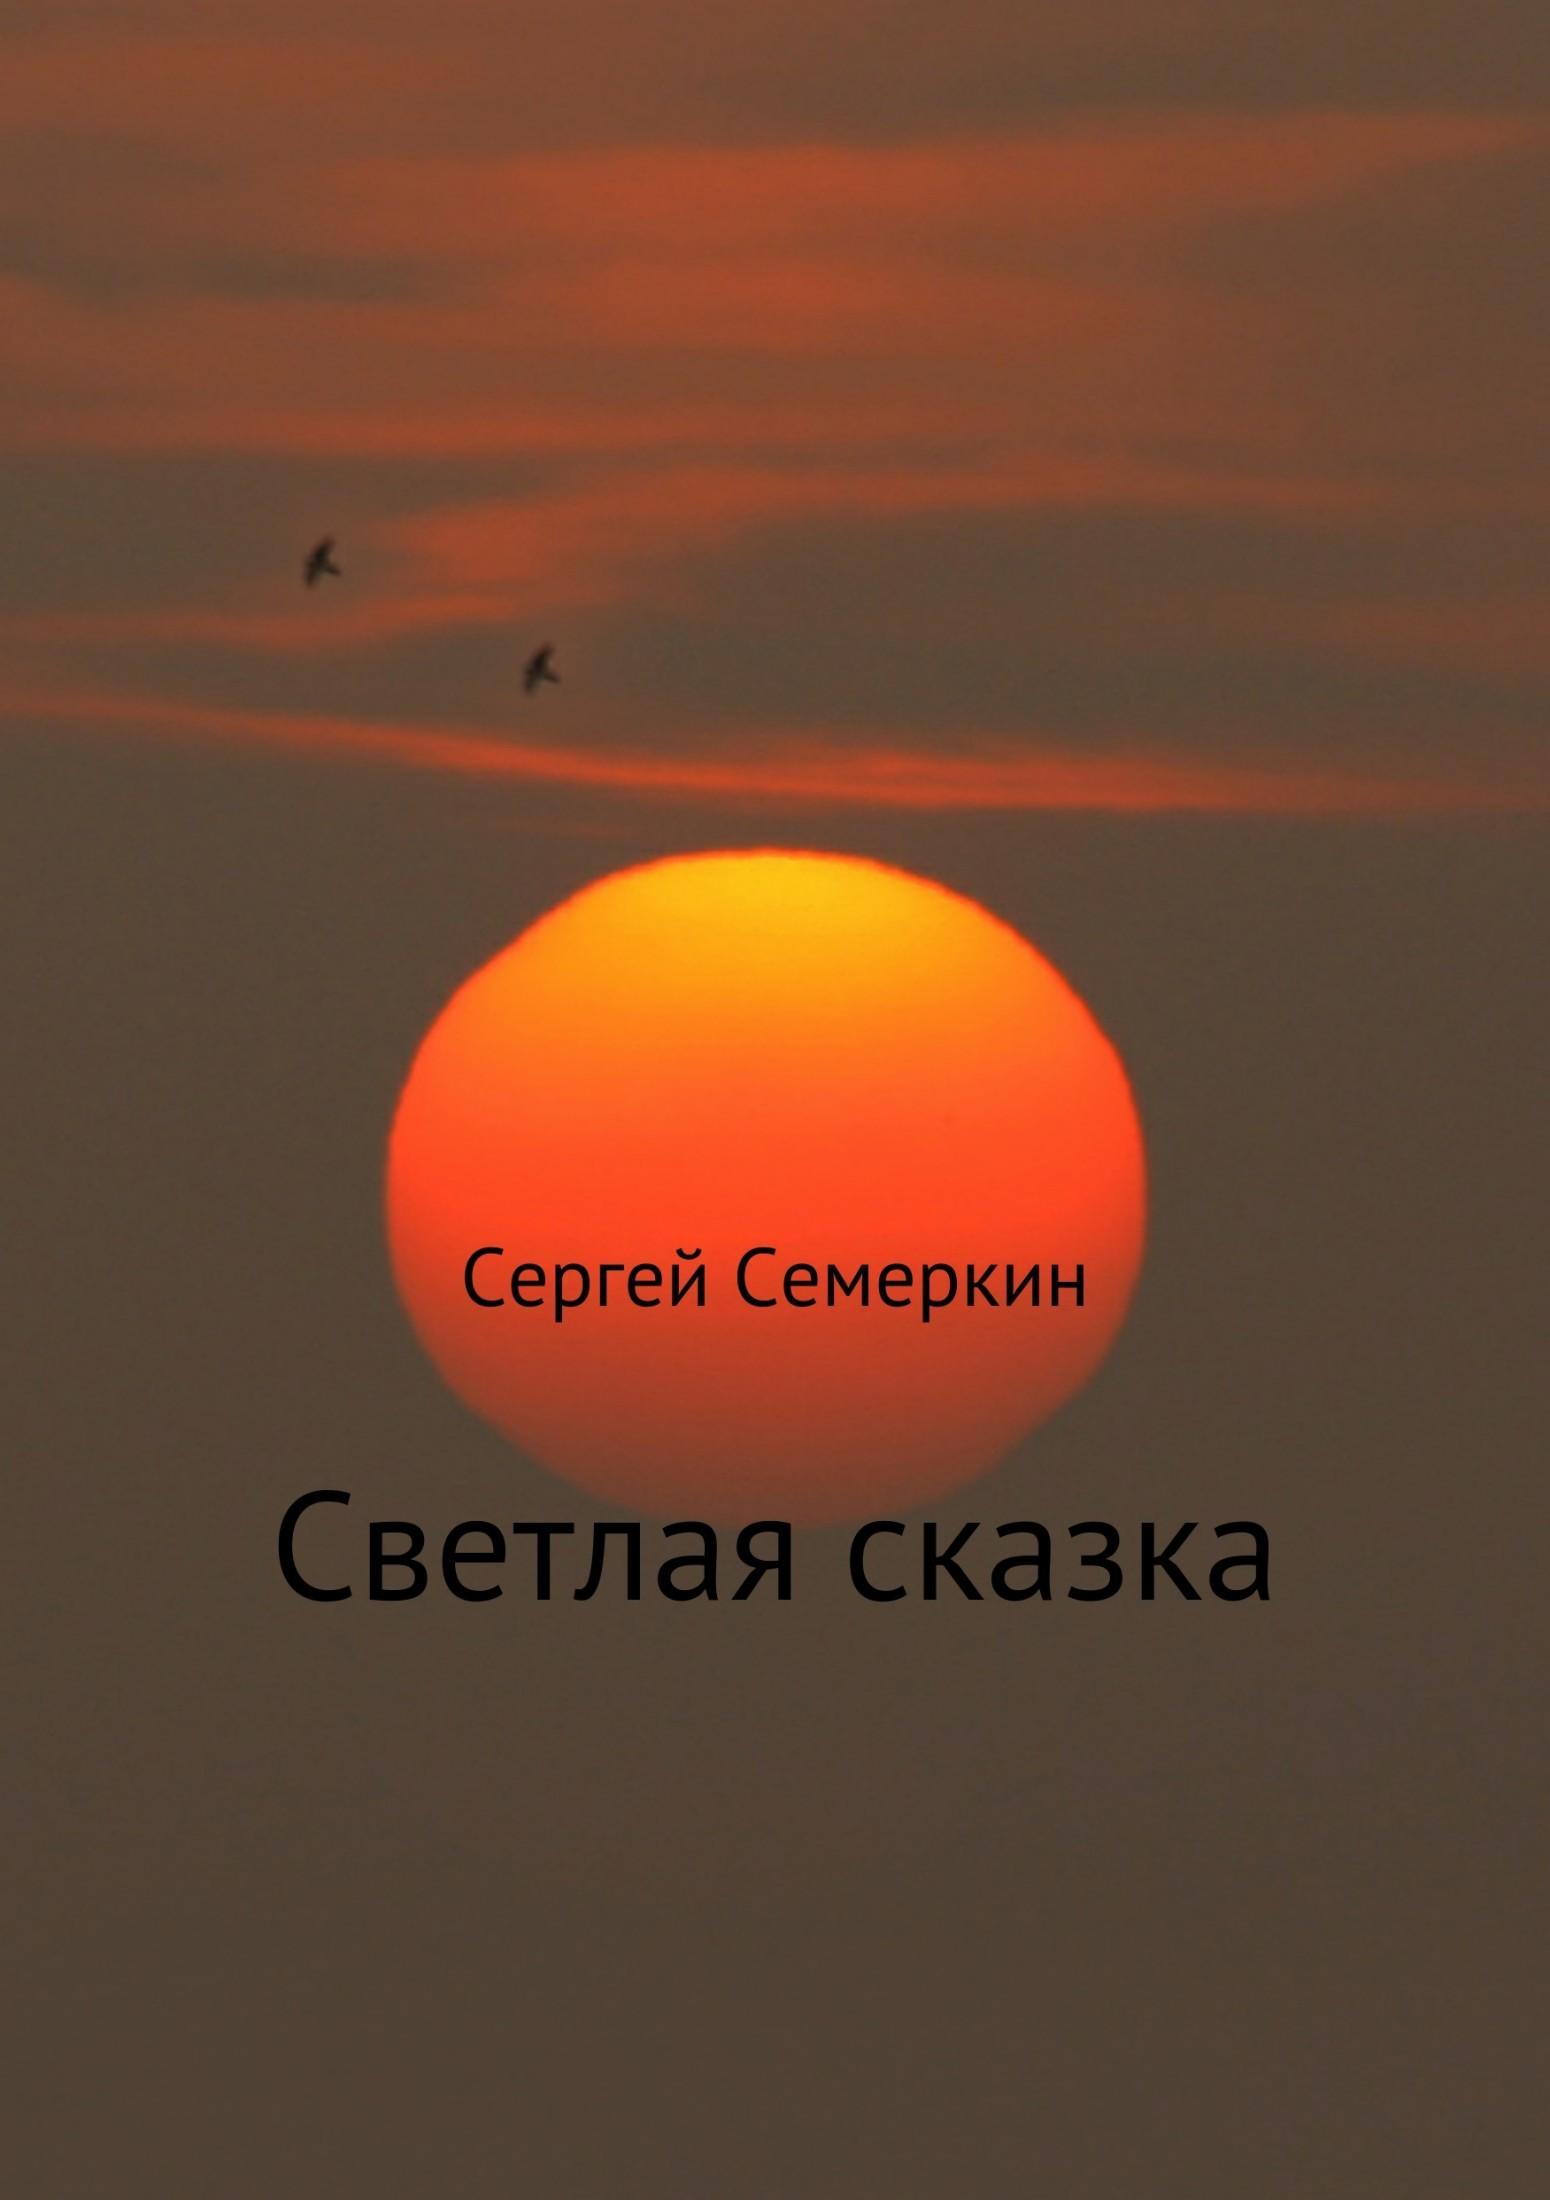 Сергей Владимирович Семеркин Светлая сказка анна острикова светлая мрачность